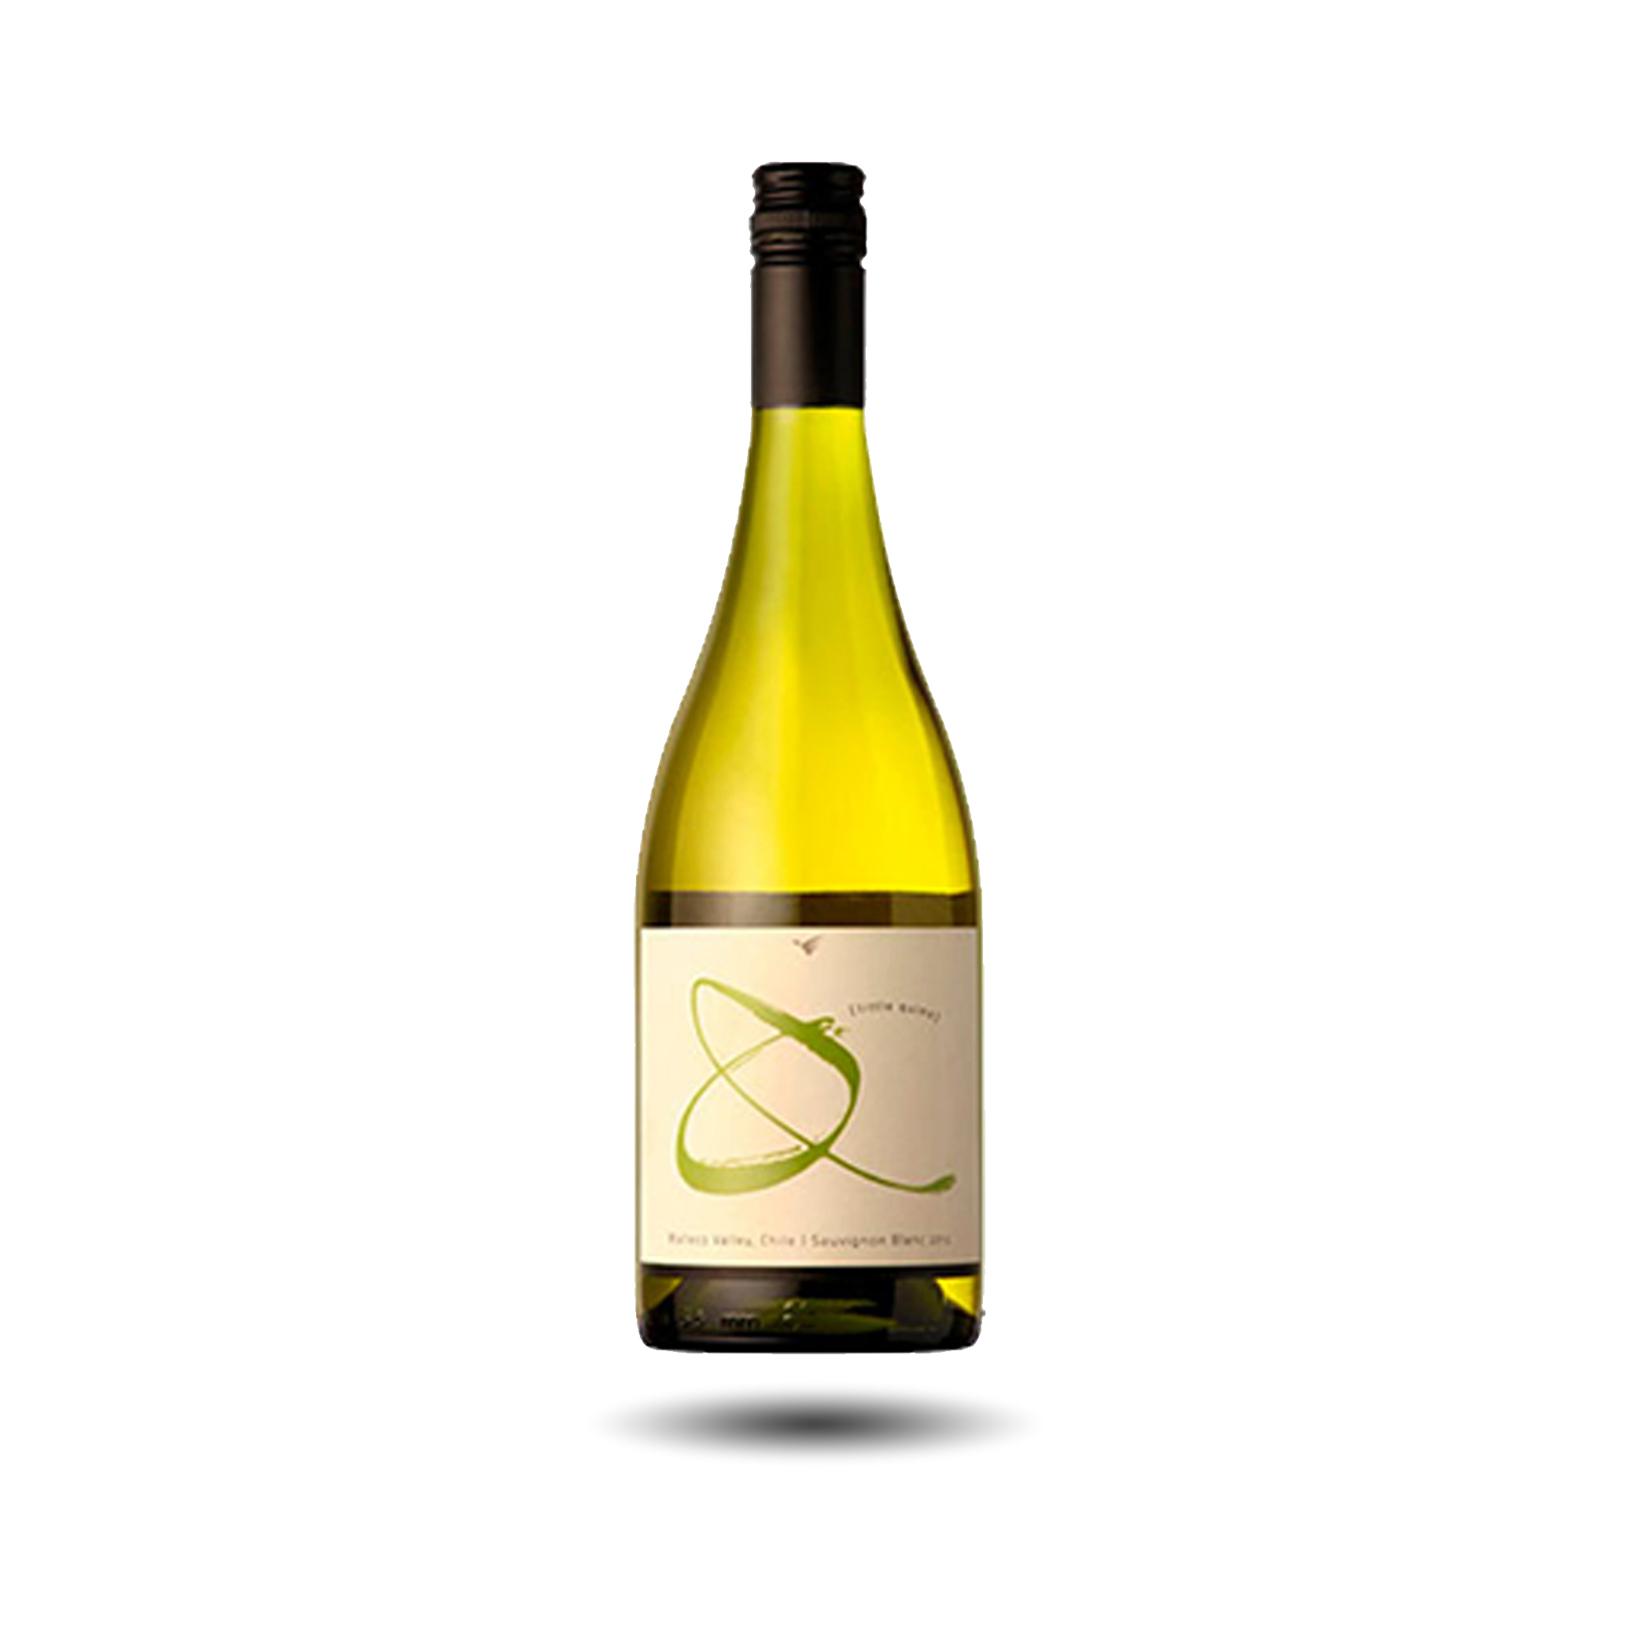 William Fèvre - Little Quino, Sauvignon Blanc